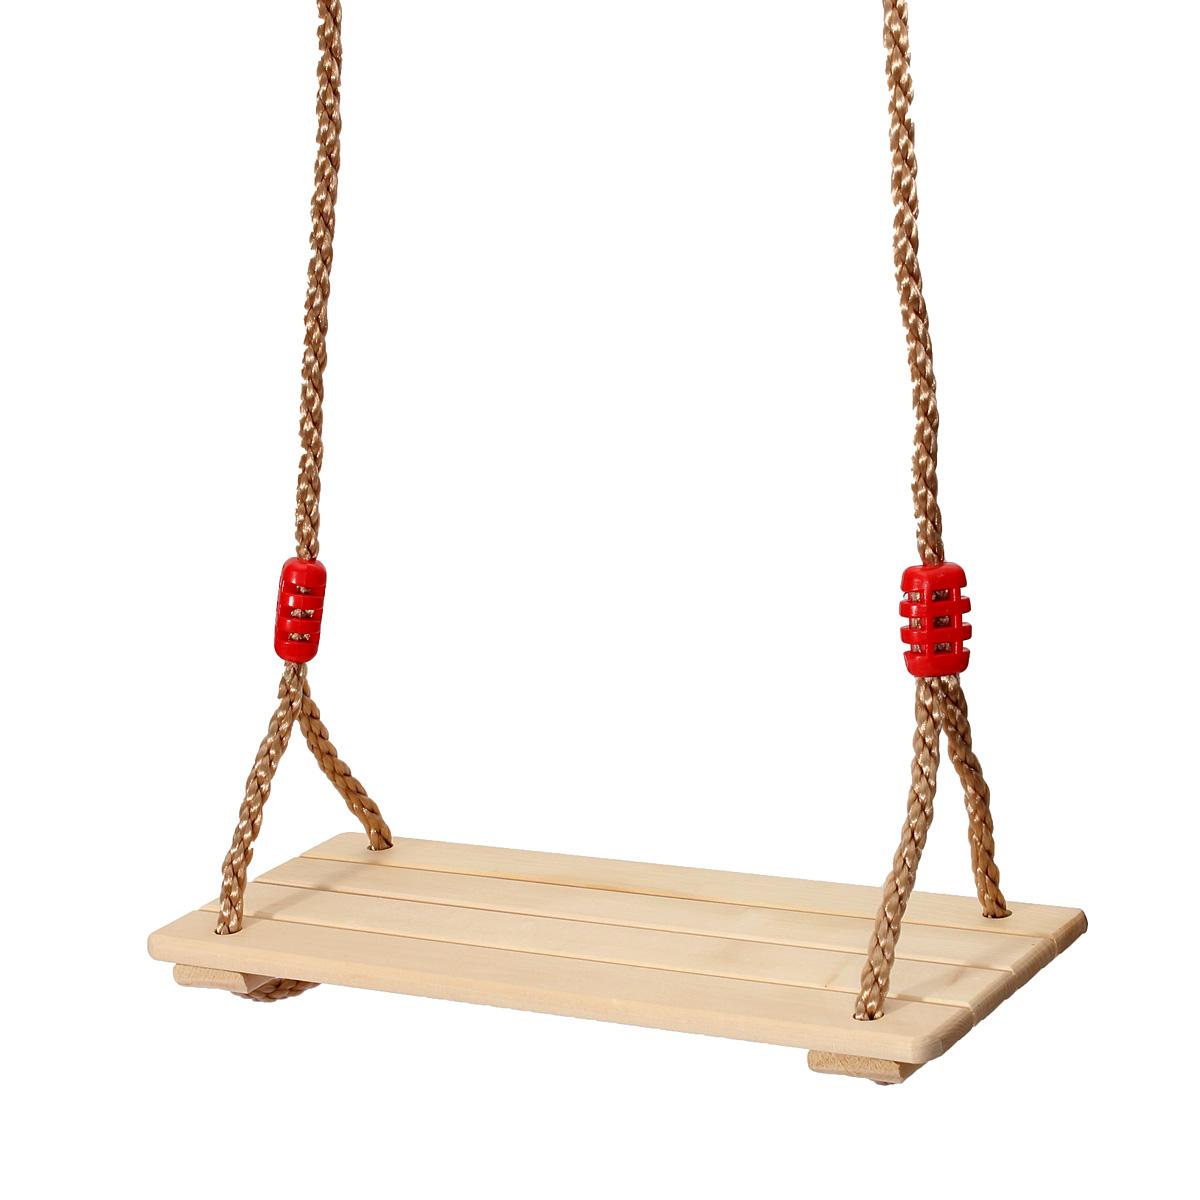 Comment Fixer Une Balançoire À Une Branche D Arbre tempsa balançoire siège de bois bouleau jouet jeux plein air